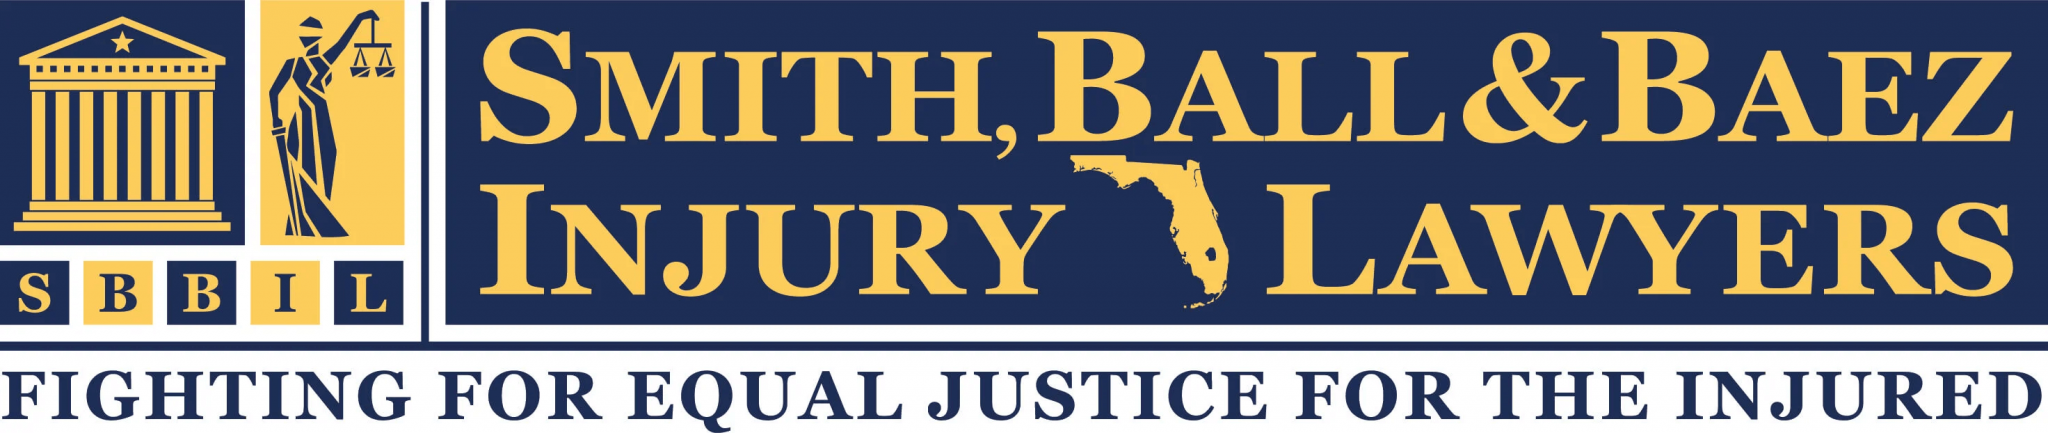 Smith, Ball & Baez Logo